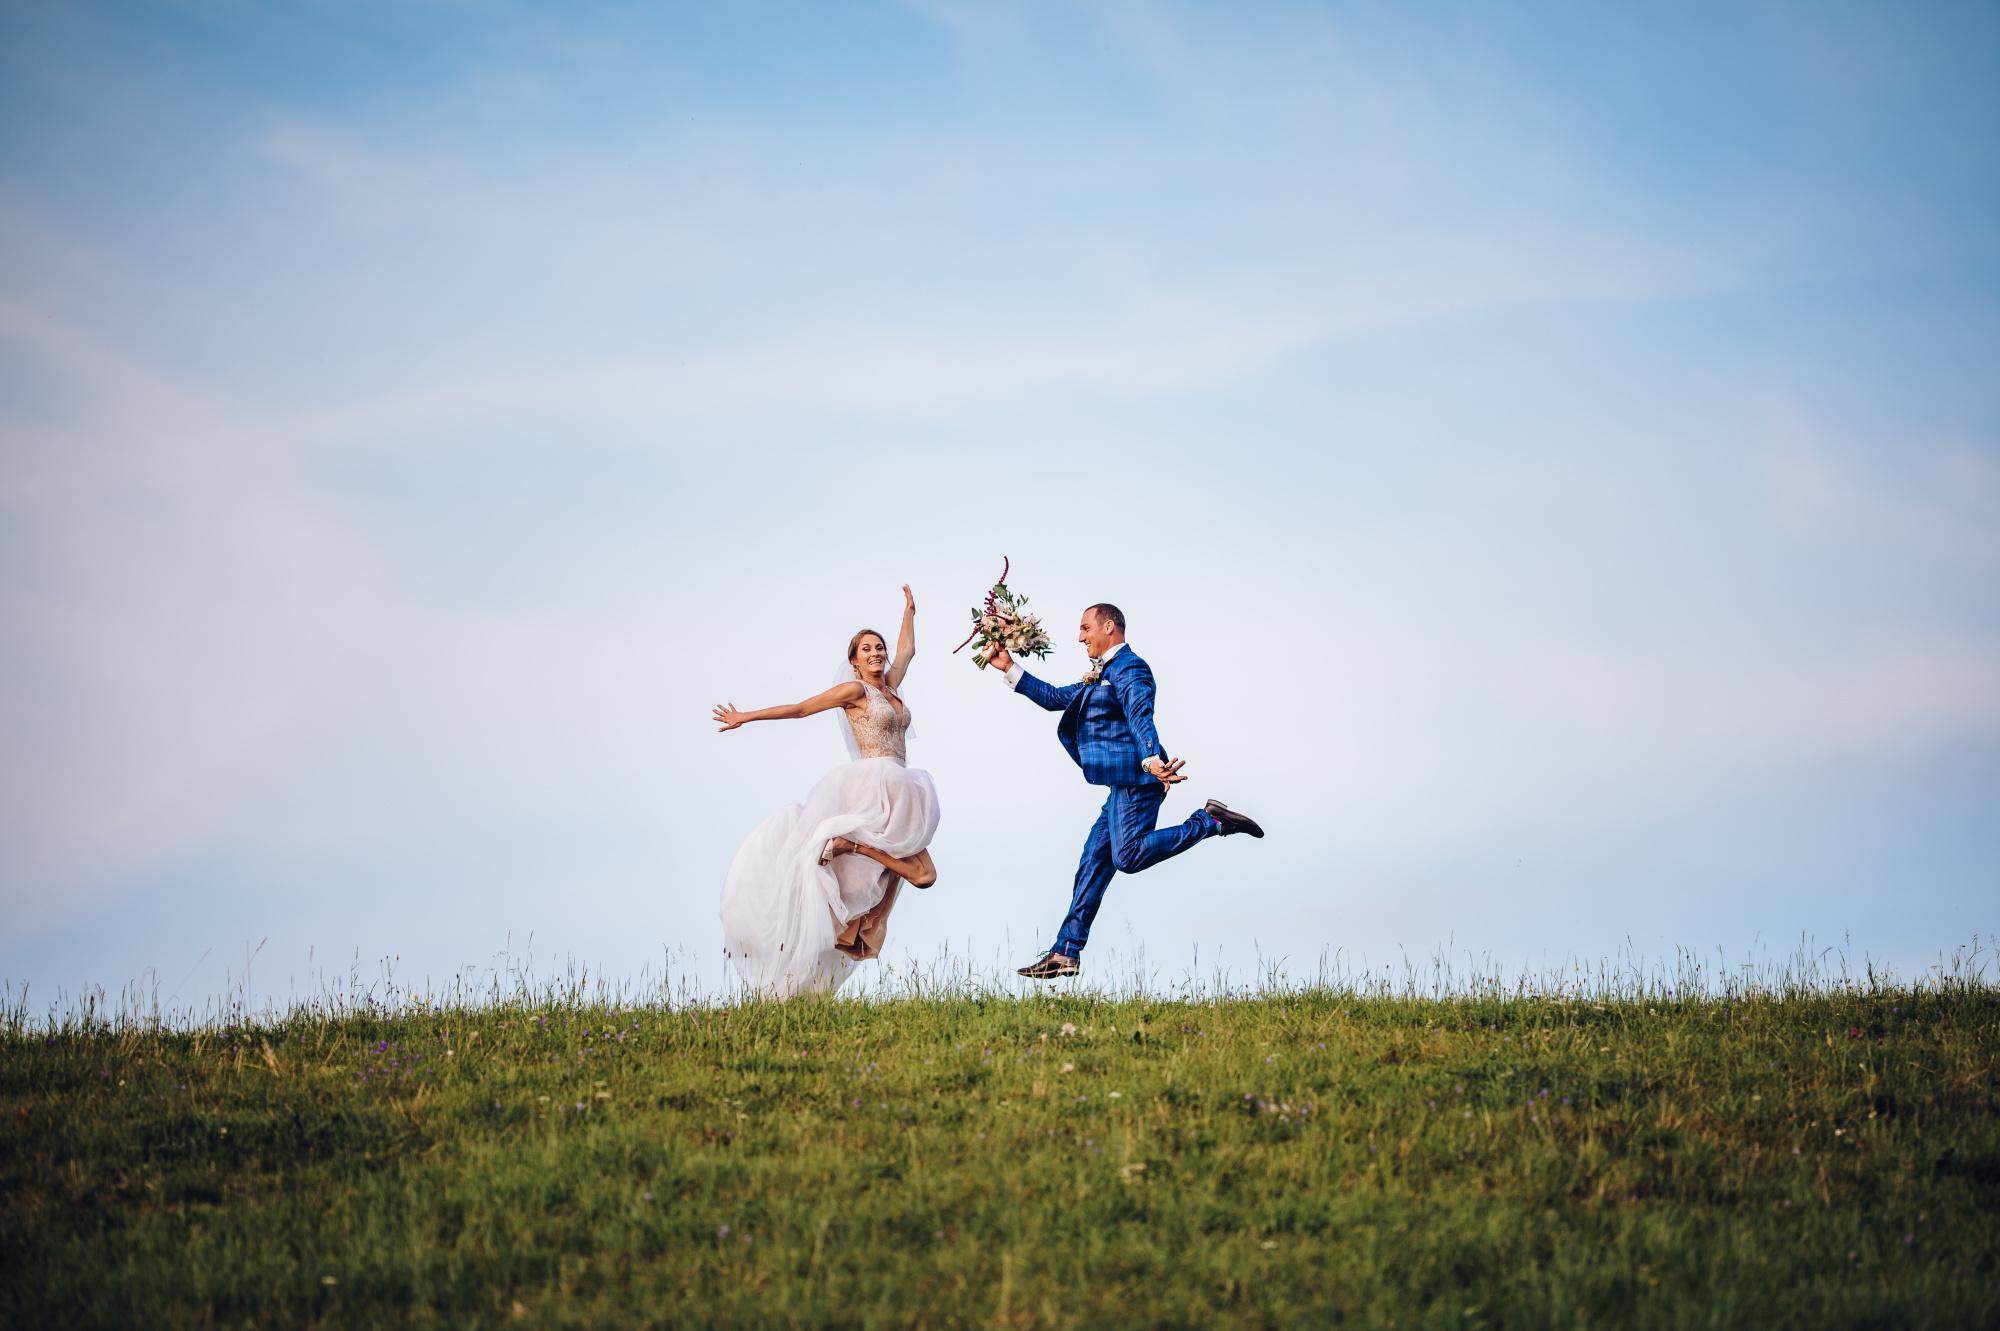 Ženich s nevěstou skáčí na kopci